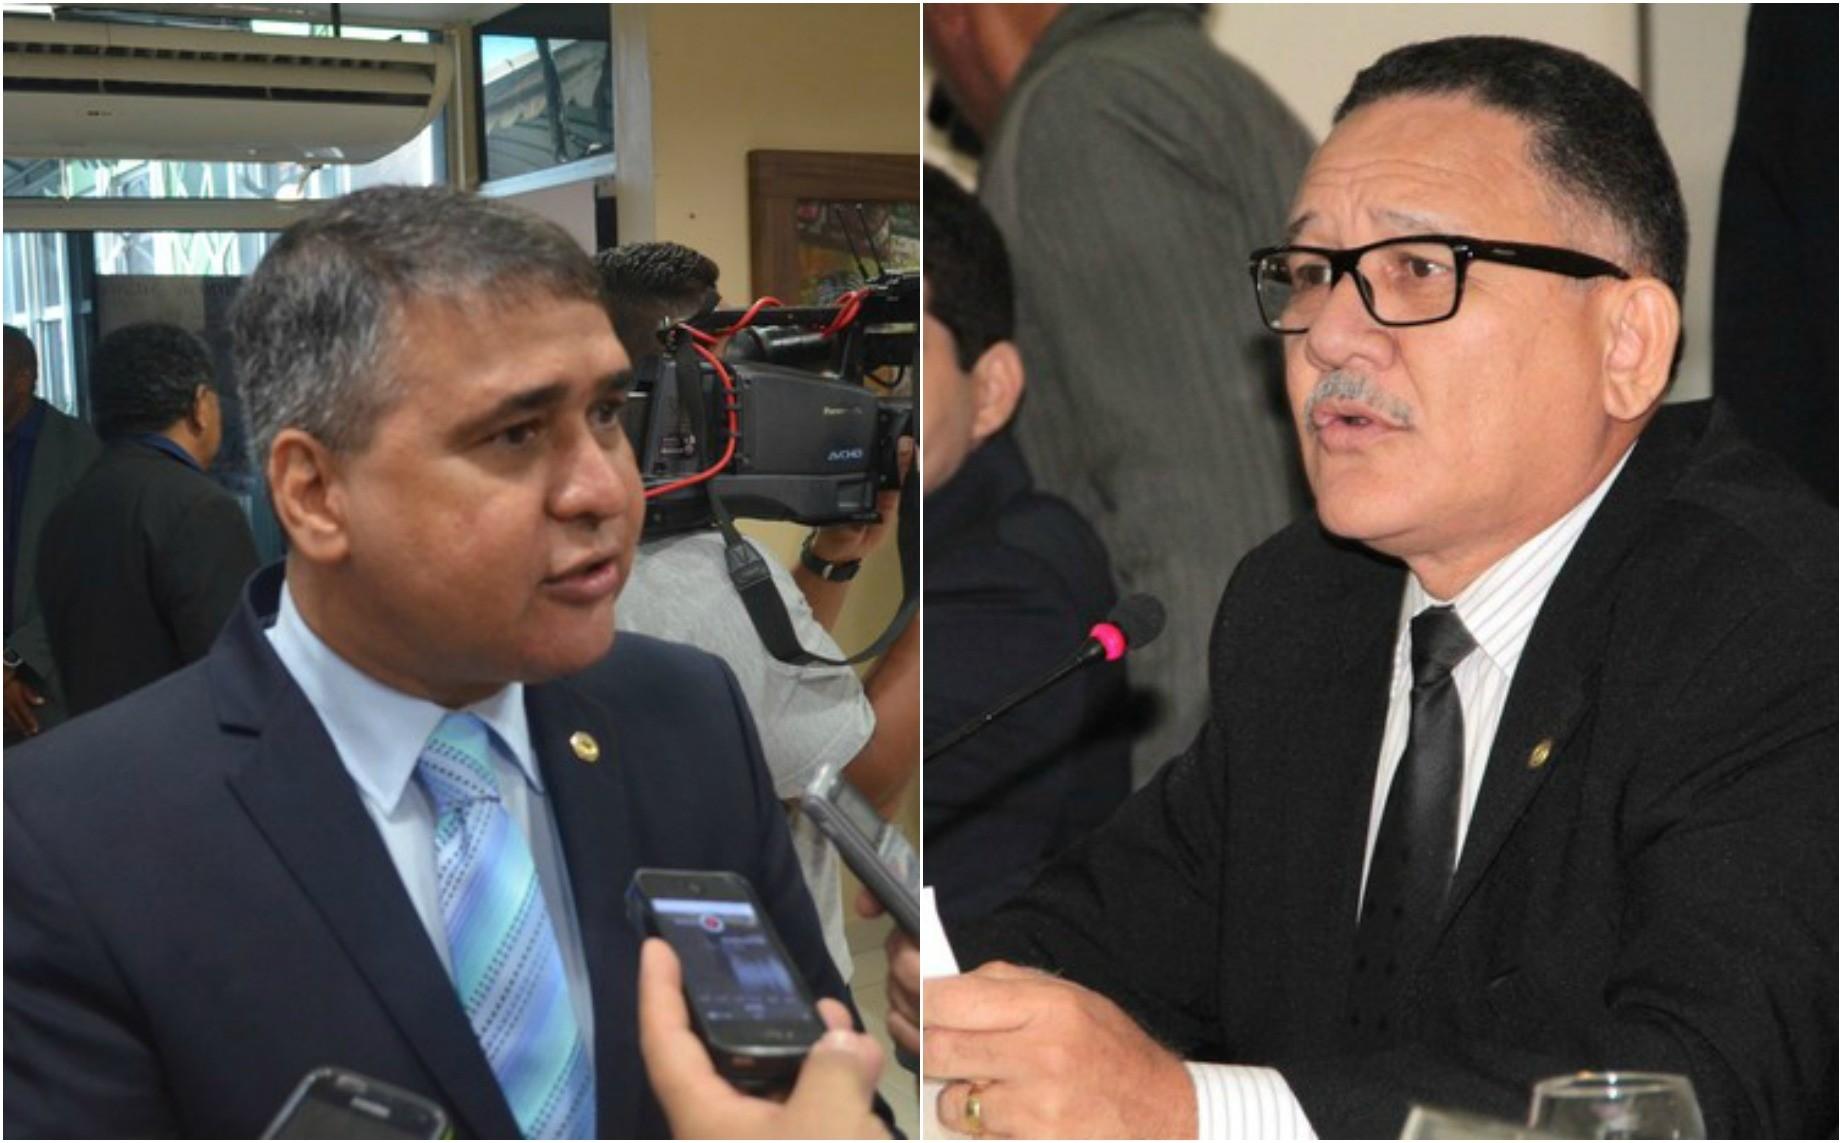 Justiça condena Moisés Souza e Edinho Duarte em nova ação da operação Eclésia - Radio Evangelho Gospel